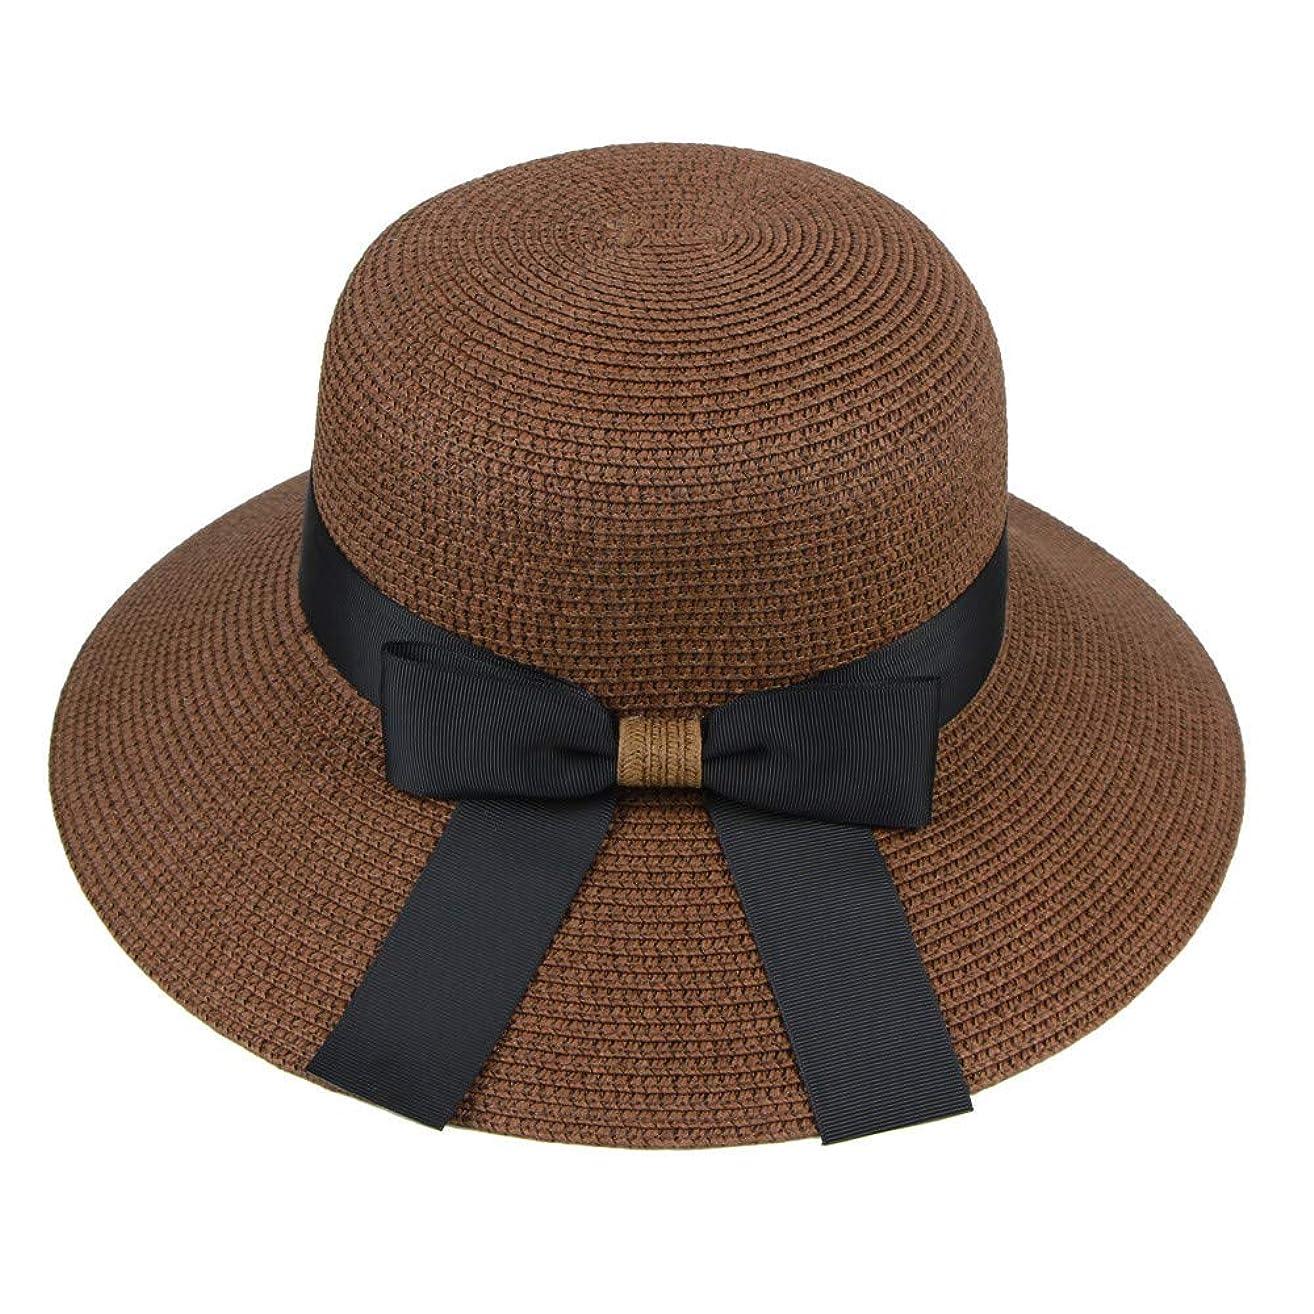 裏切り者導入する不良品漁師帽 帽子 レディース UVカット 帽子 夏季 海 旅行 UV帽子 日焼け防止 つば広 取り外すあご紐 おしゃれ 可愛い ワイルド カジュアル スタイル ファッション シンプル 夏 ビーチ 必須 小顔効果 ROSE ROMAN